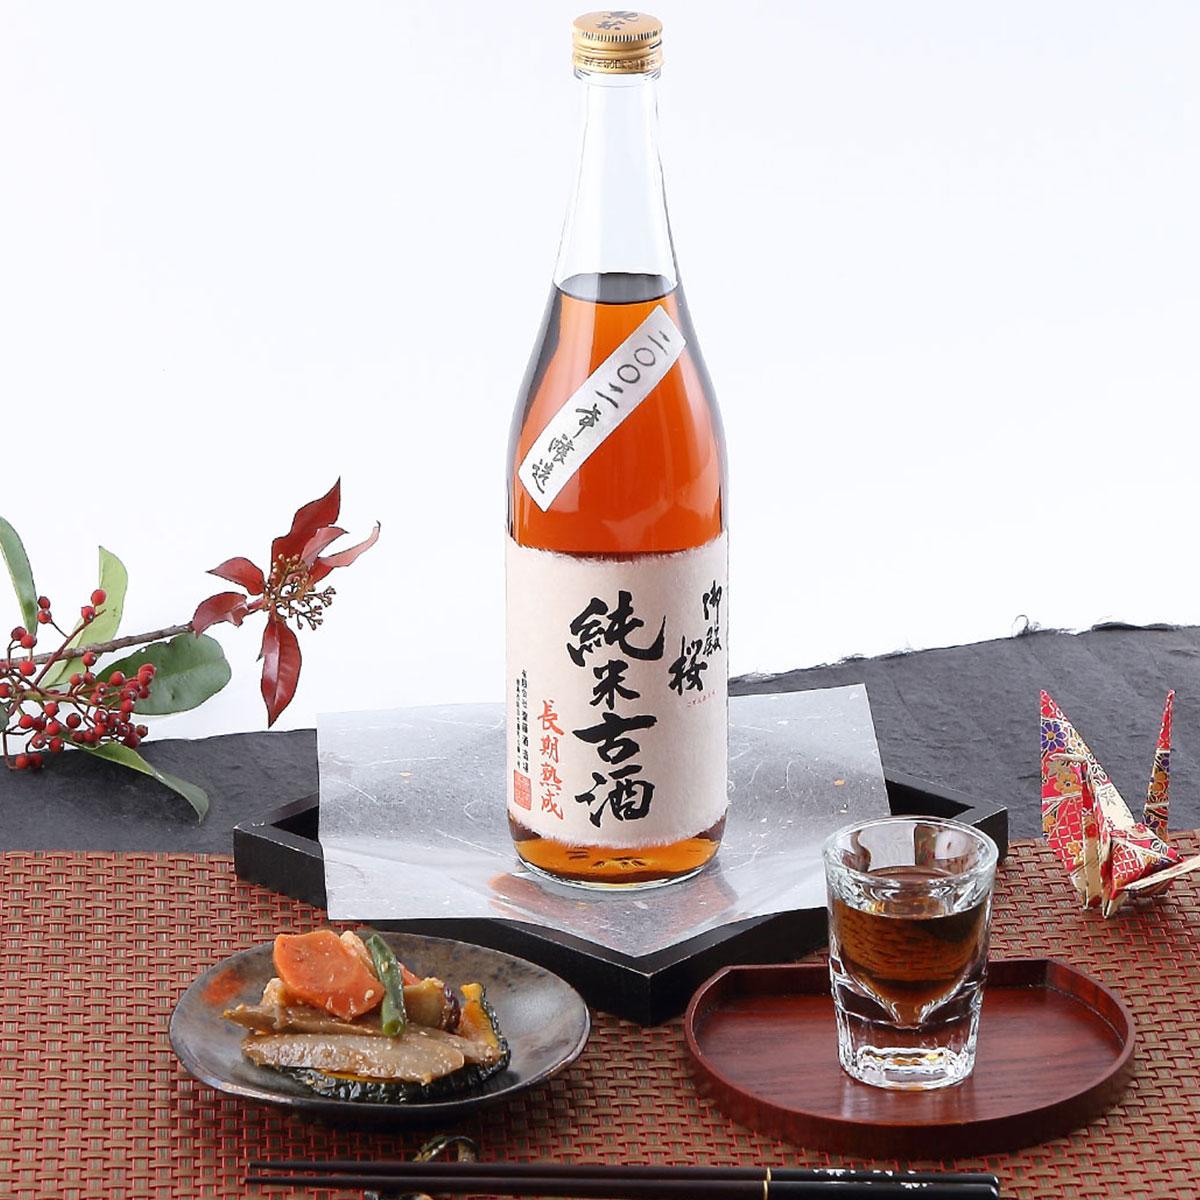 日本酒純米酒トロリとした個性的な美味しさ御殿桜純米古酒平成九年720ml齋藤酒造場徳島県